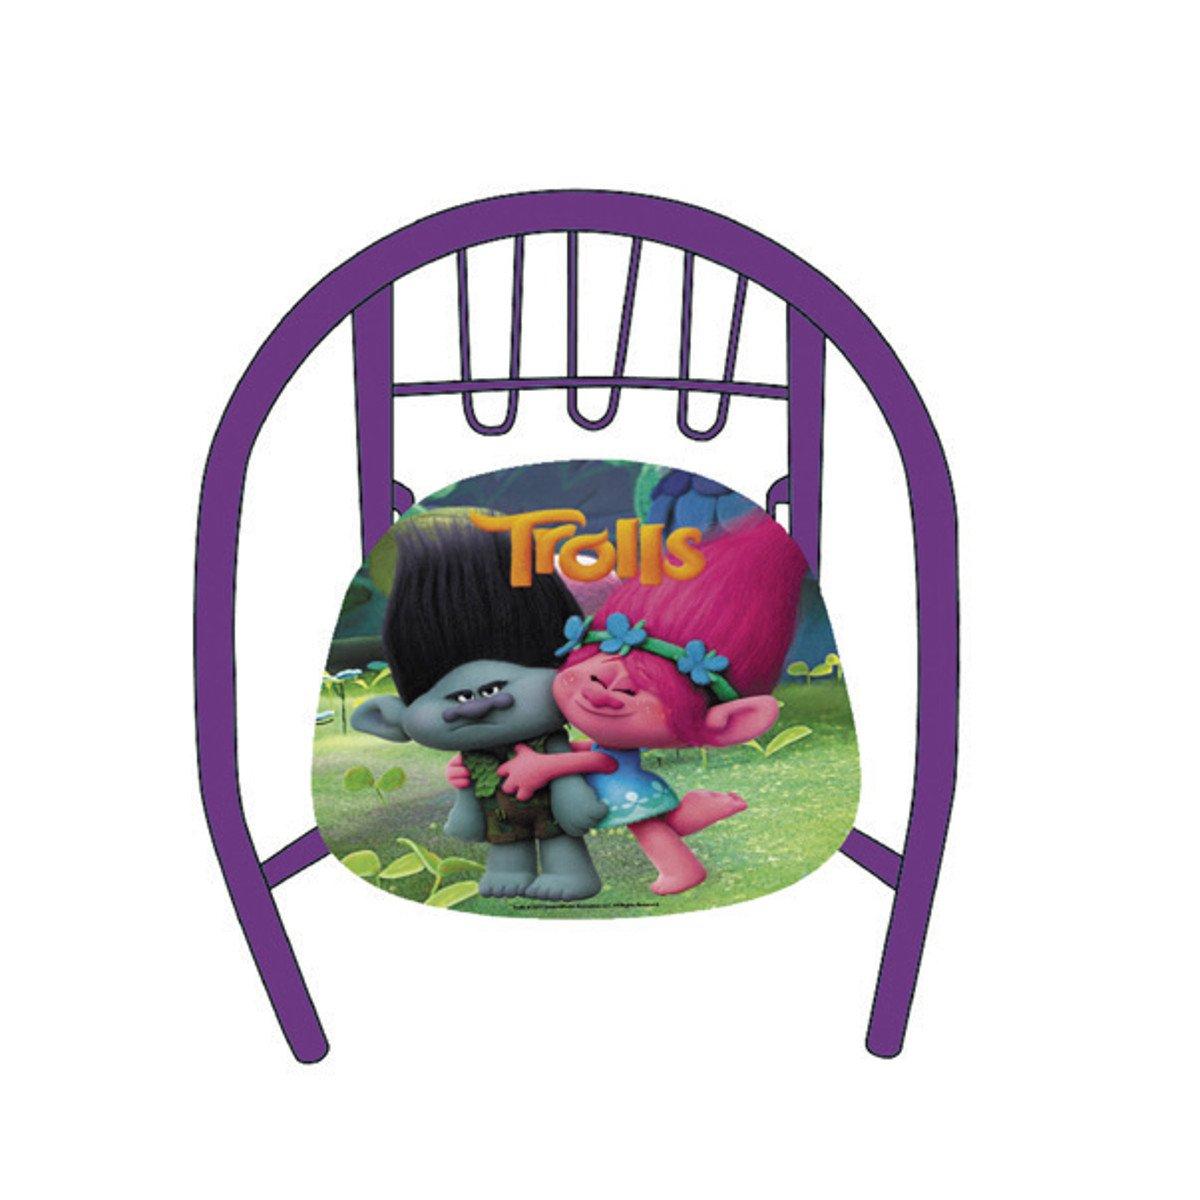 Arditex Metal Chair Trolls Artesania y Diseno Textil SA 711354